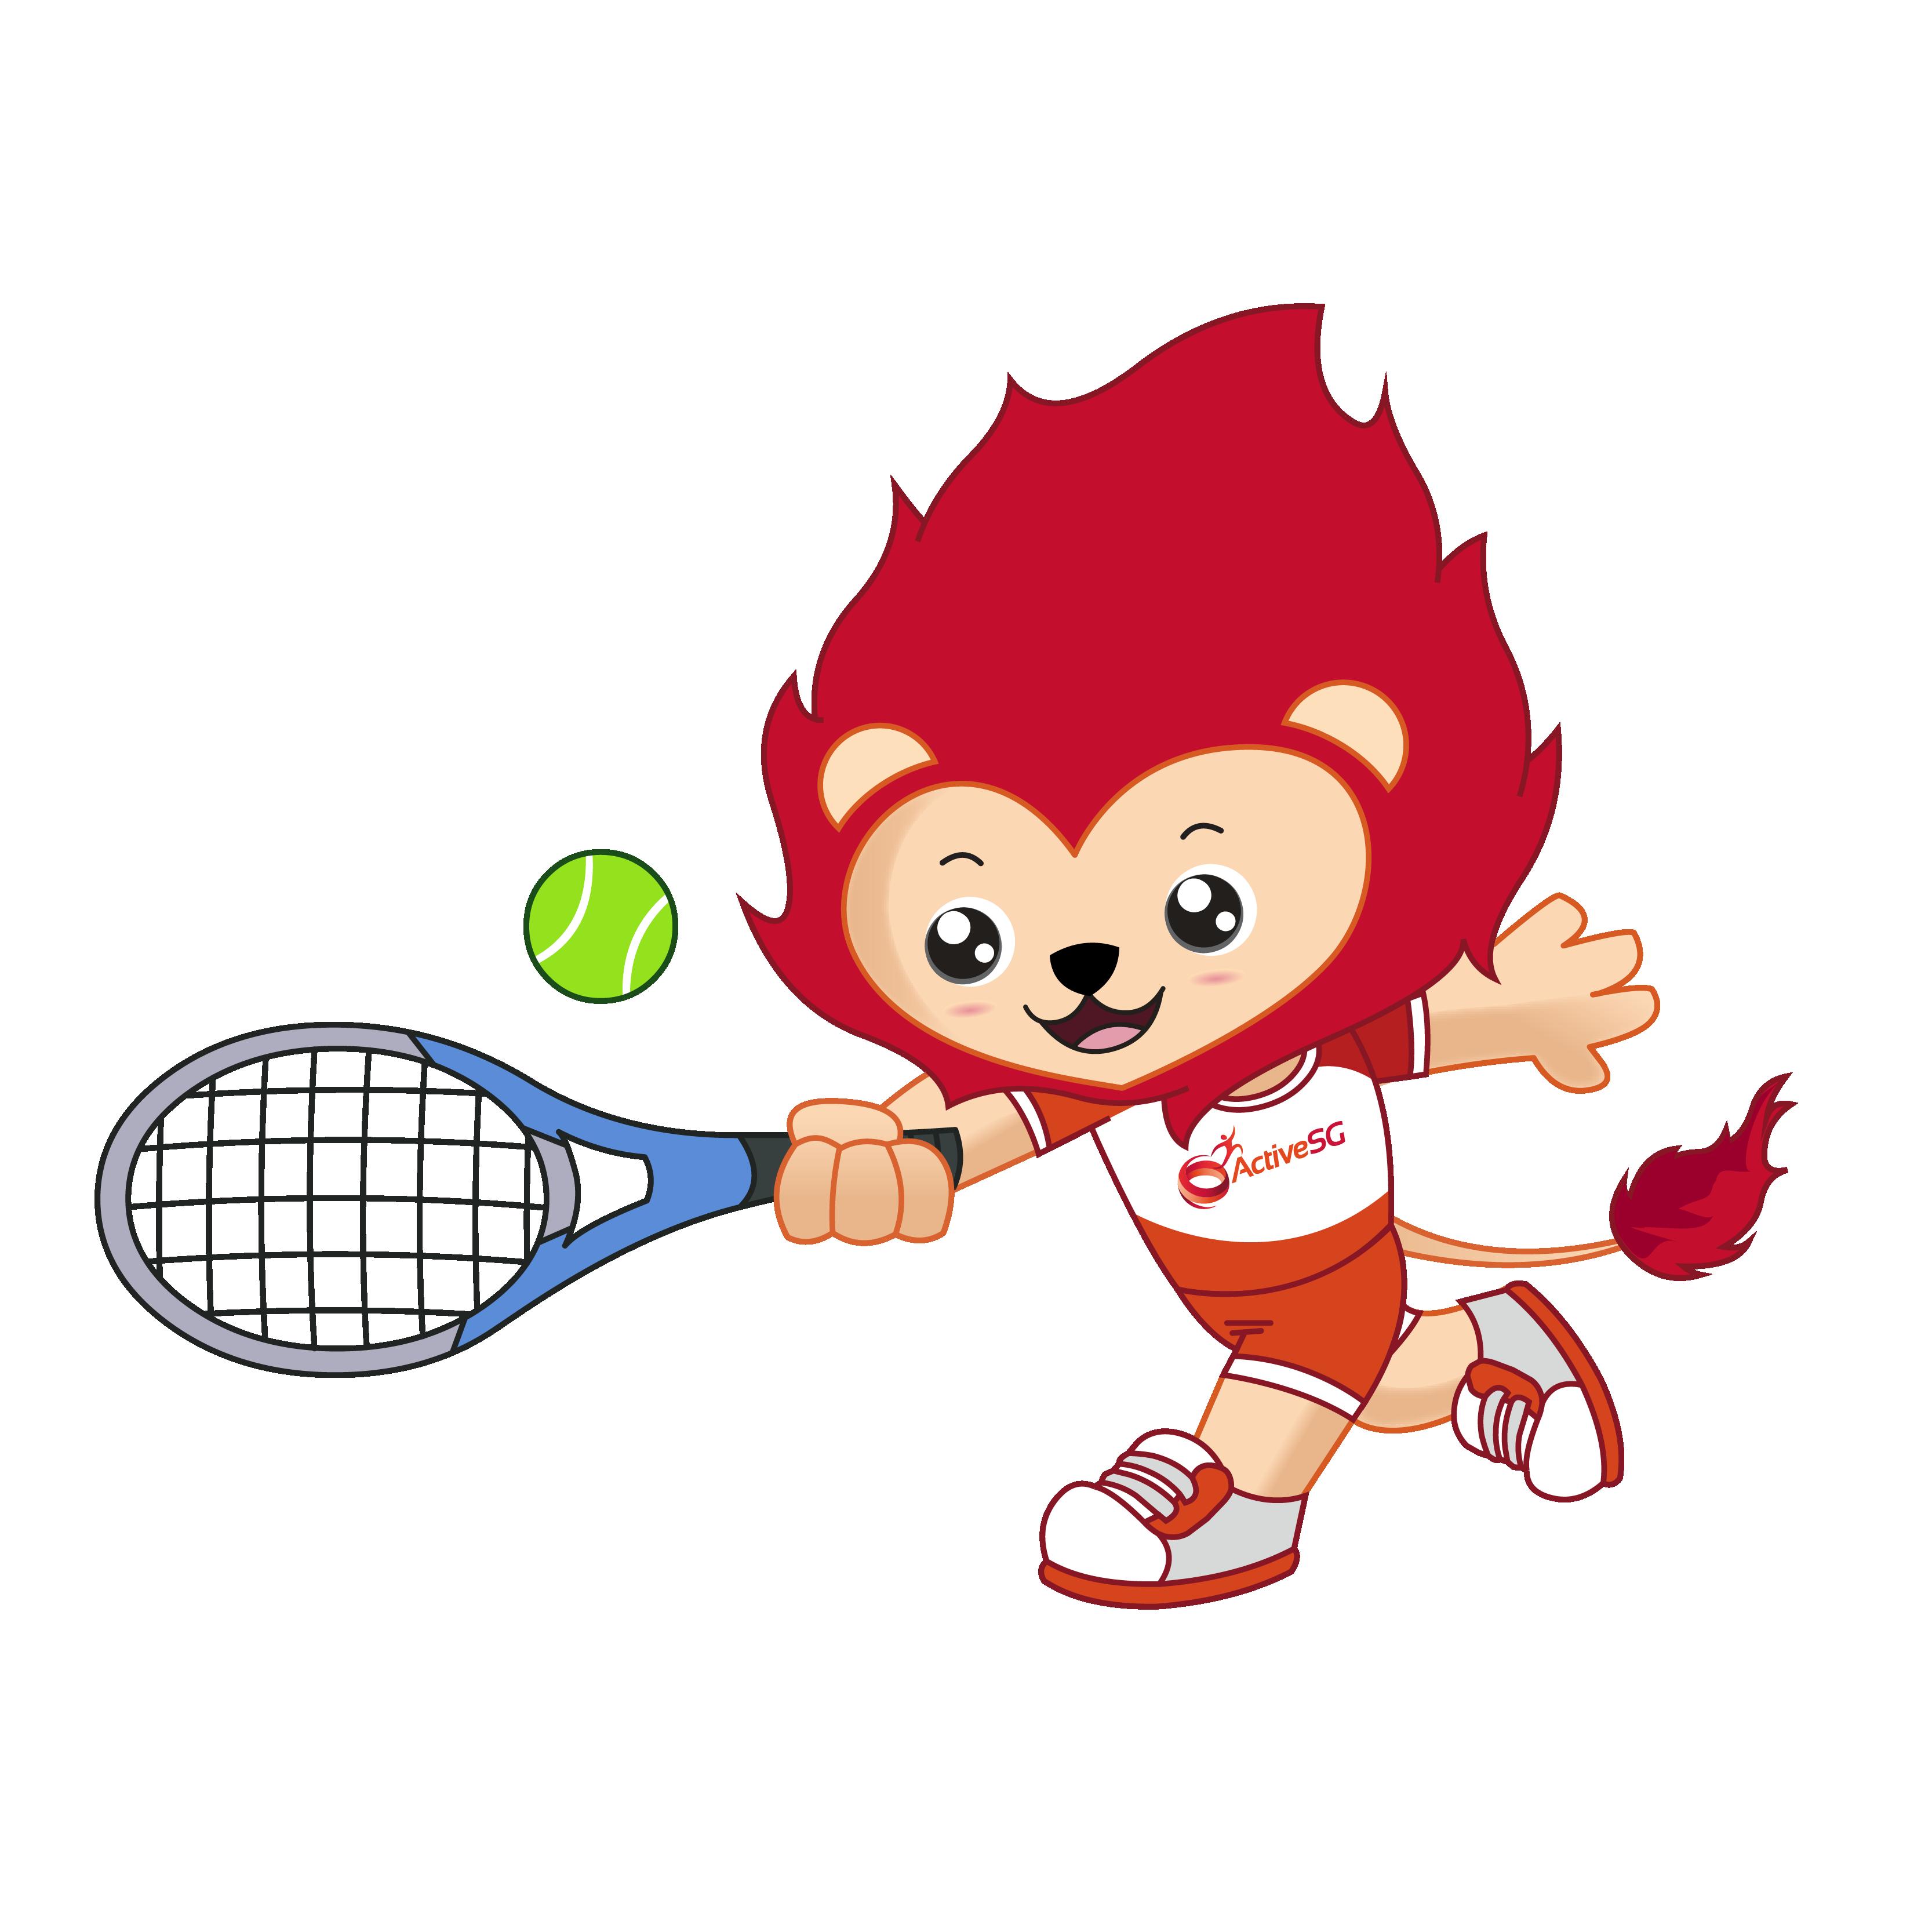 Tennis_Nila_ActiveSG-01